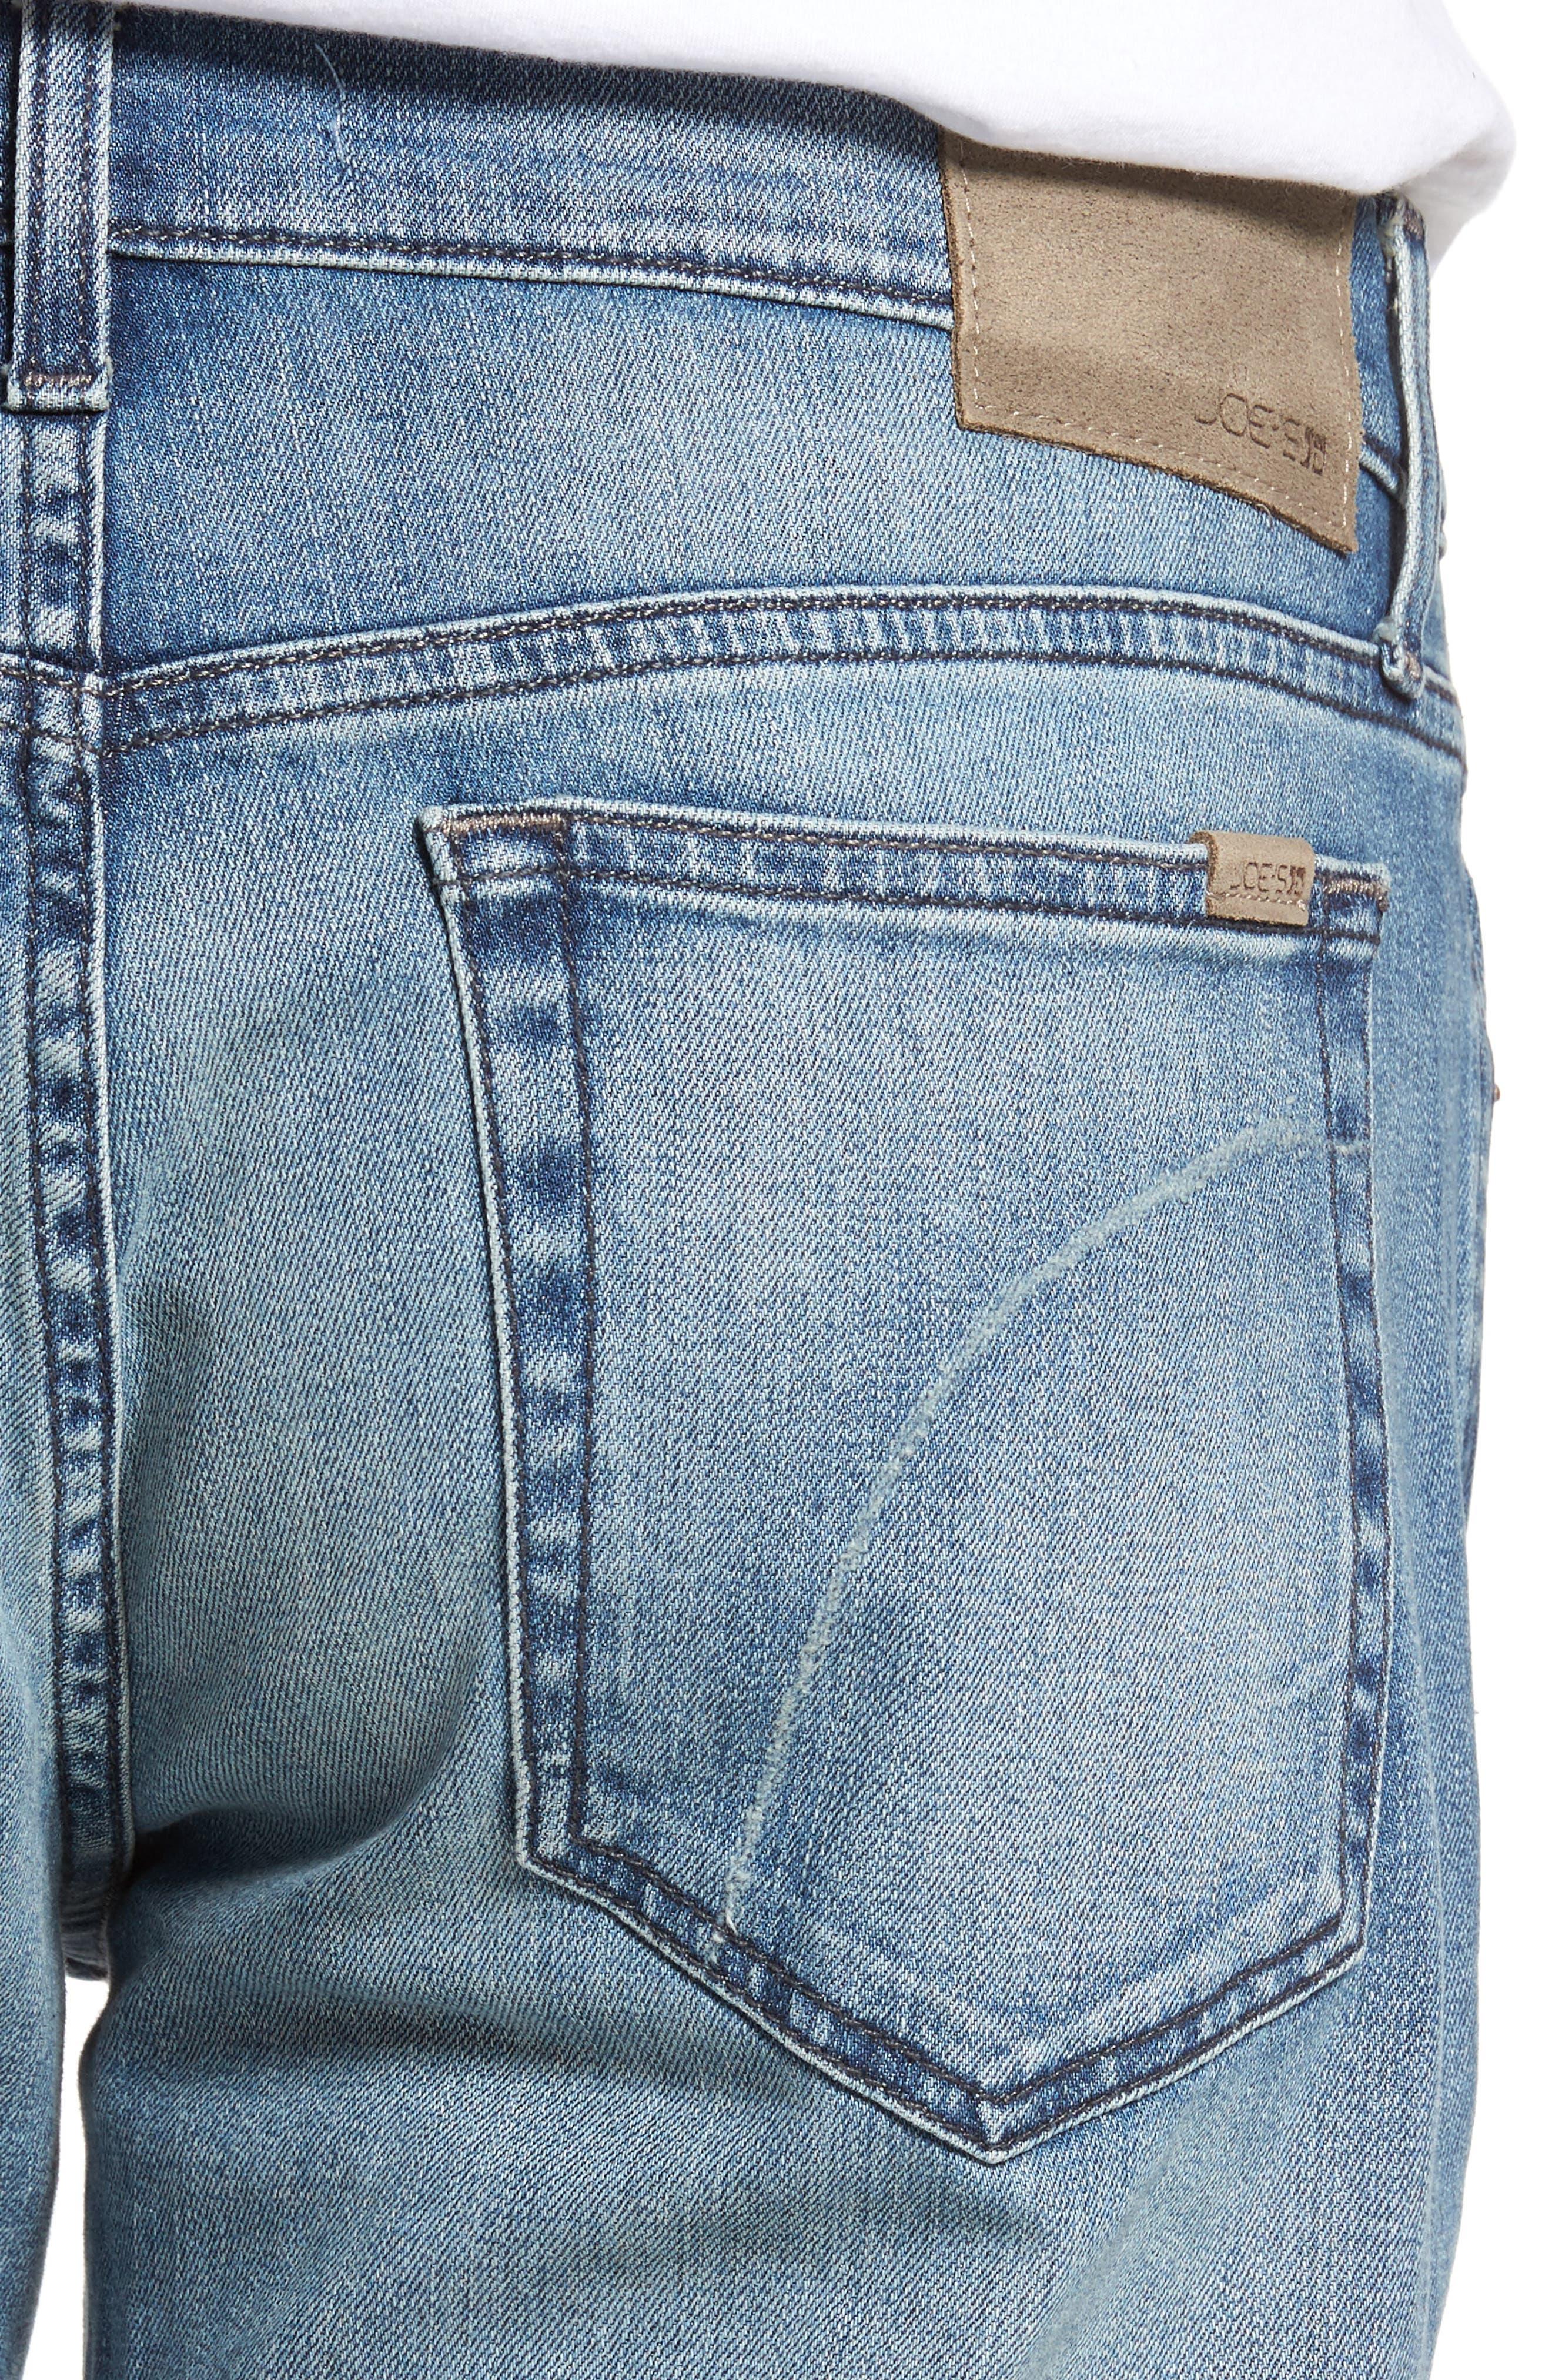 Slim Fit Jeans,                             Alternate thumbnail 4, color,                             135